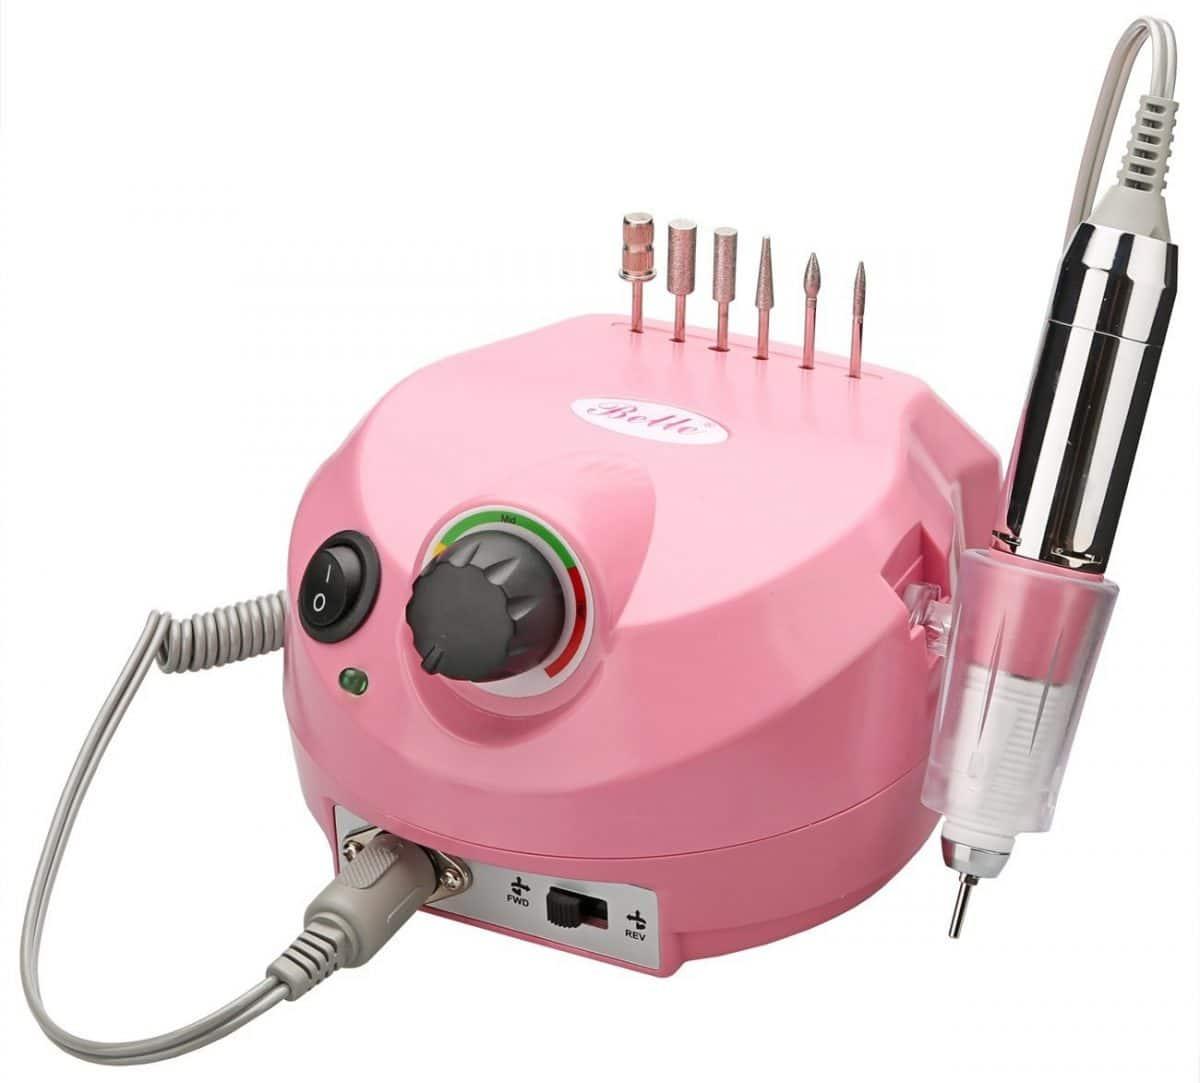 Ponceuse à ongles Belle Pink 220V